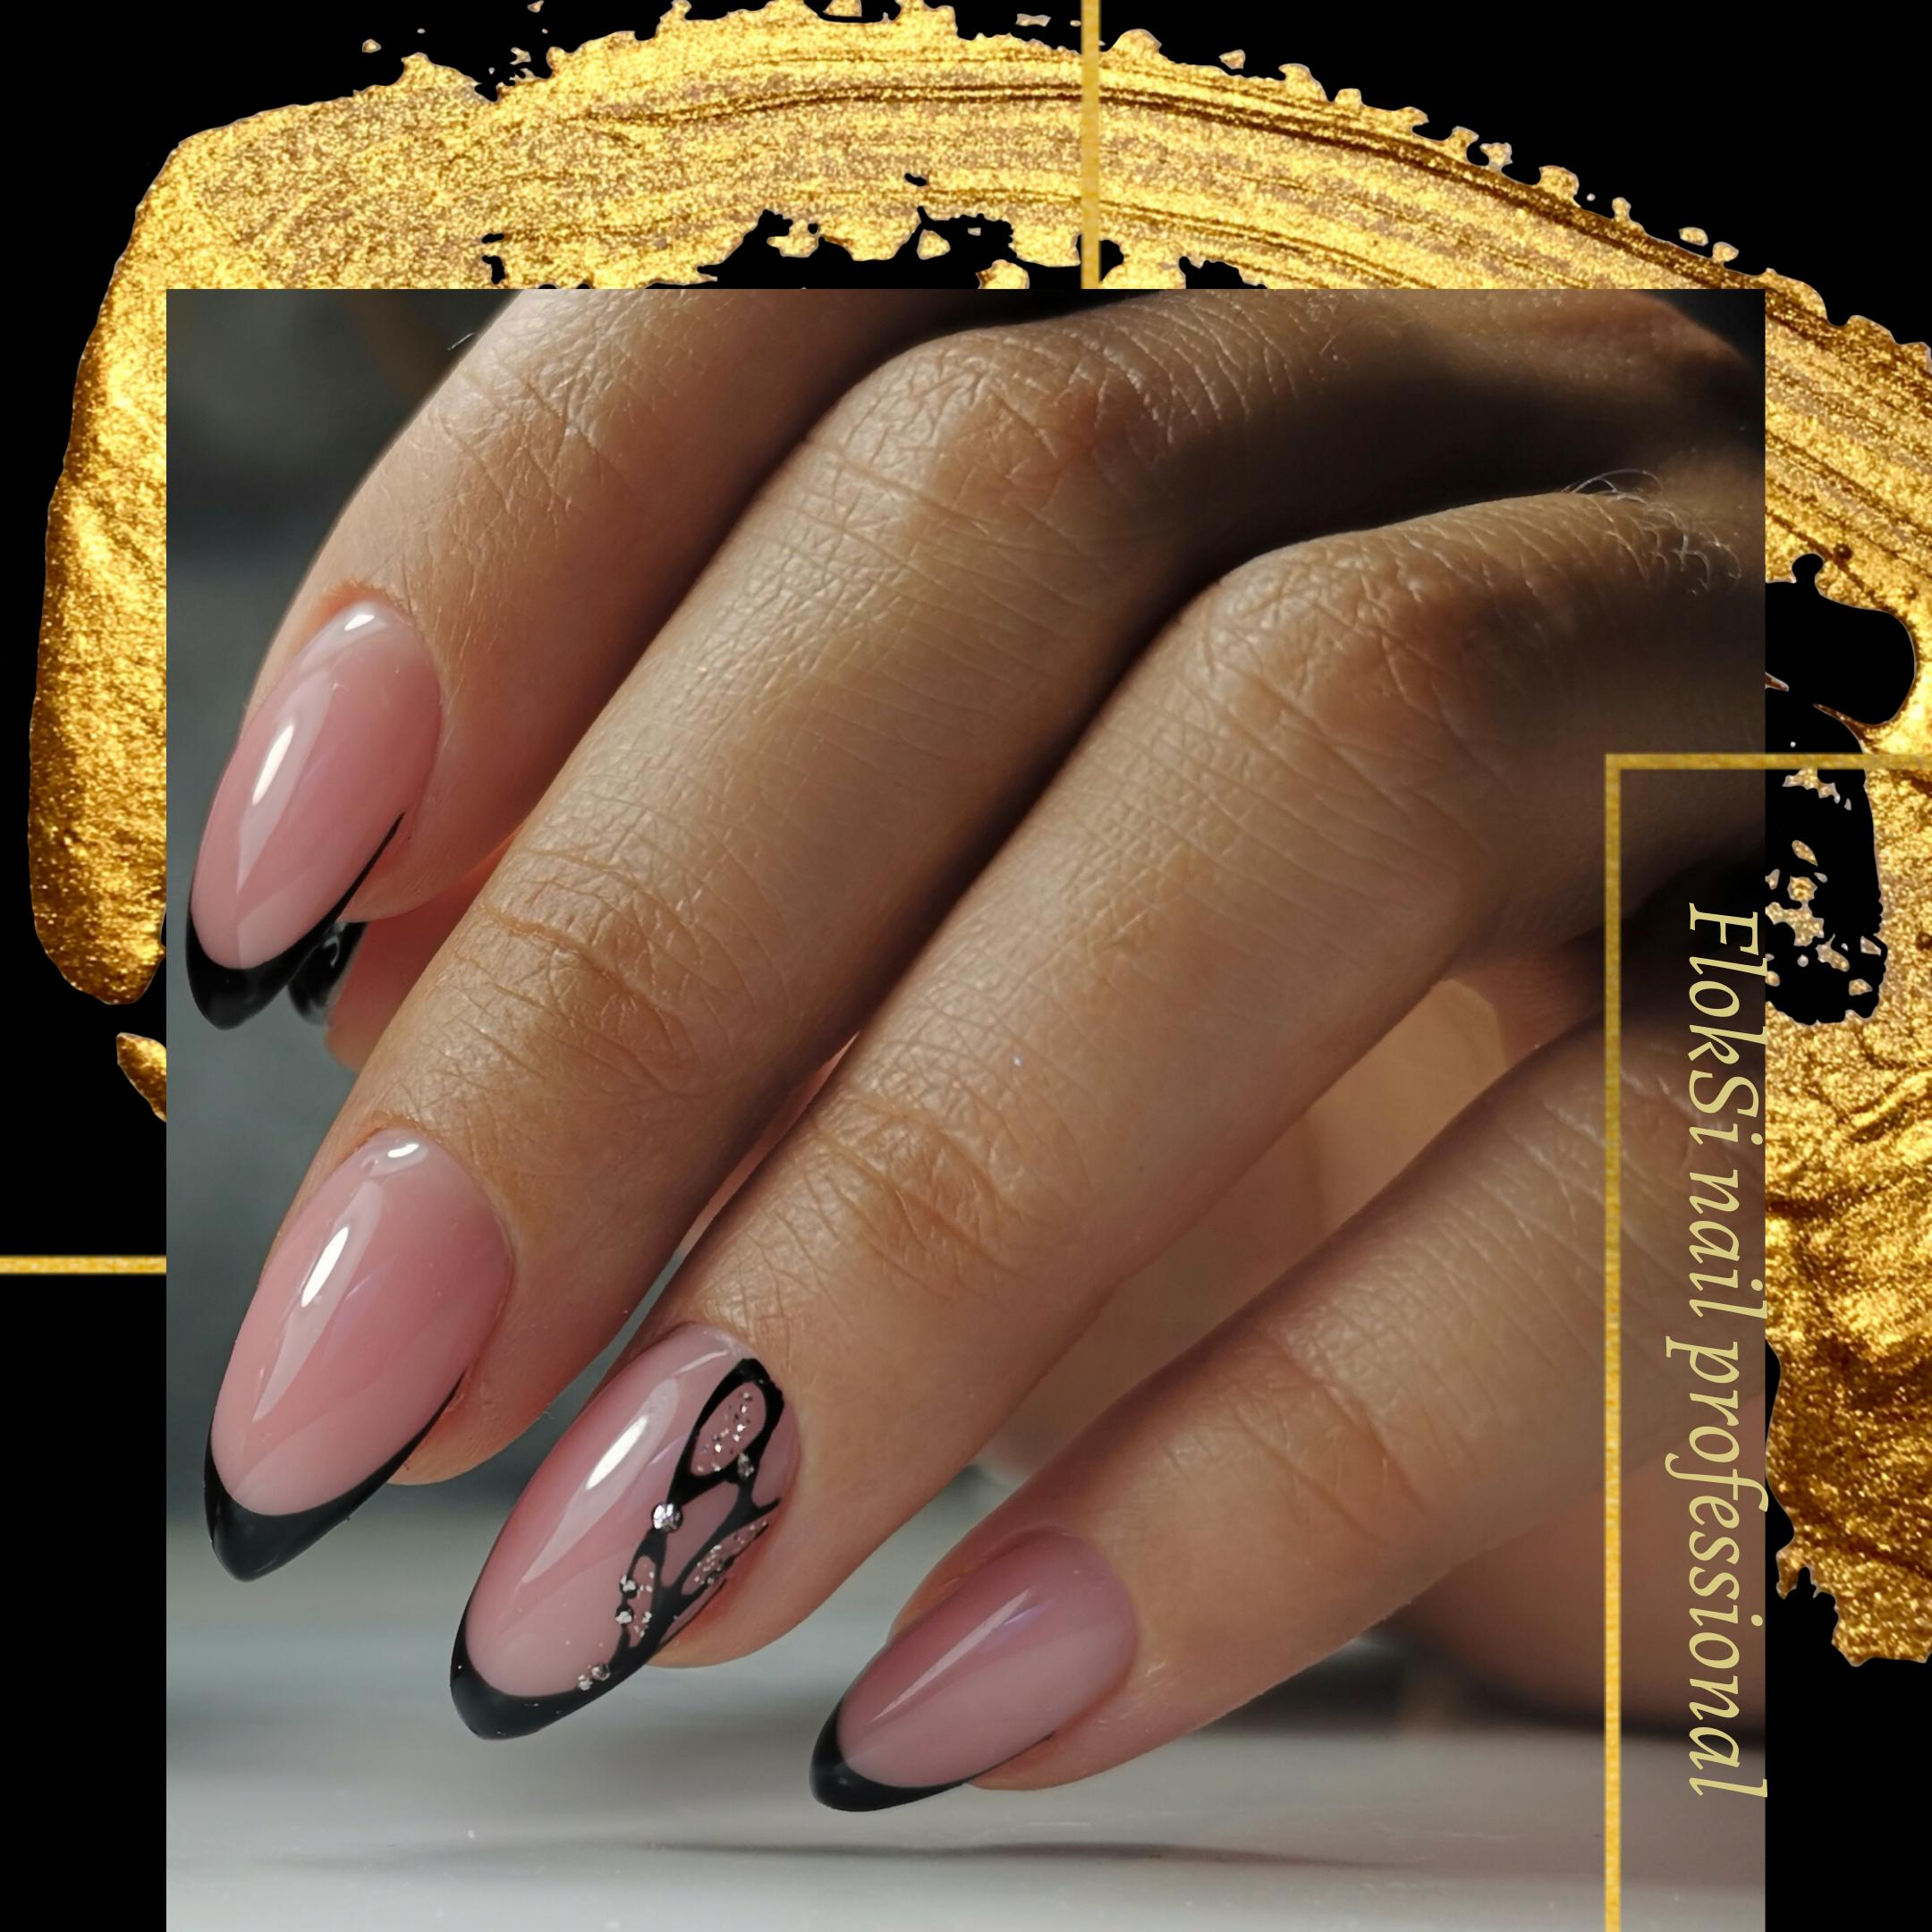 Френч с рисунком в черном цвете на длинные ногти.